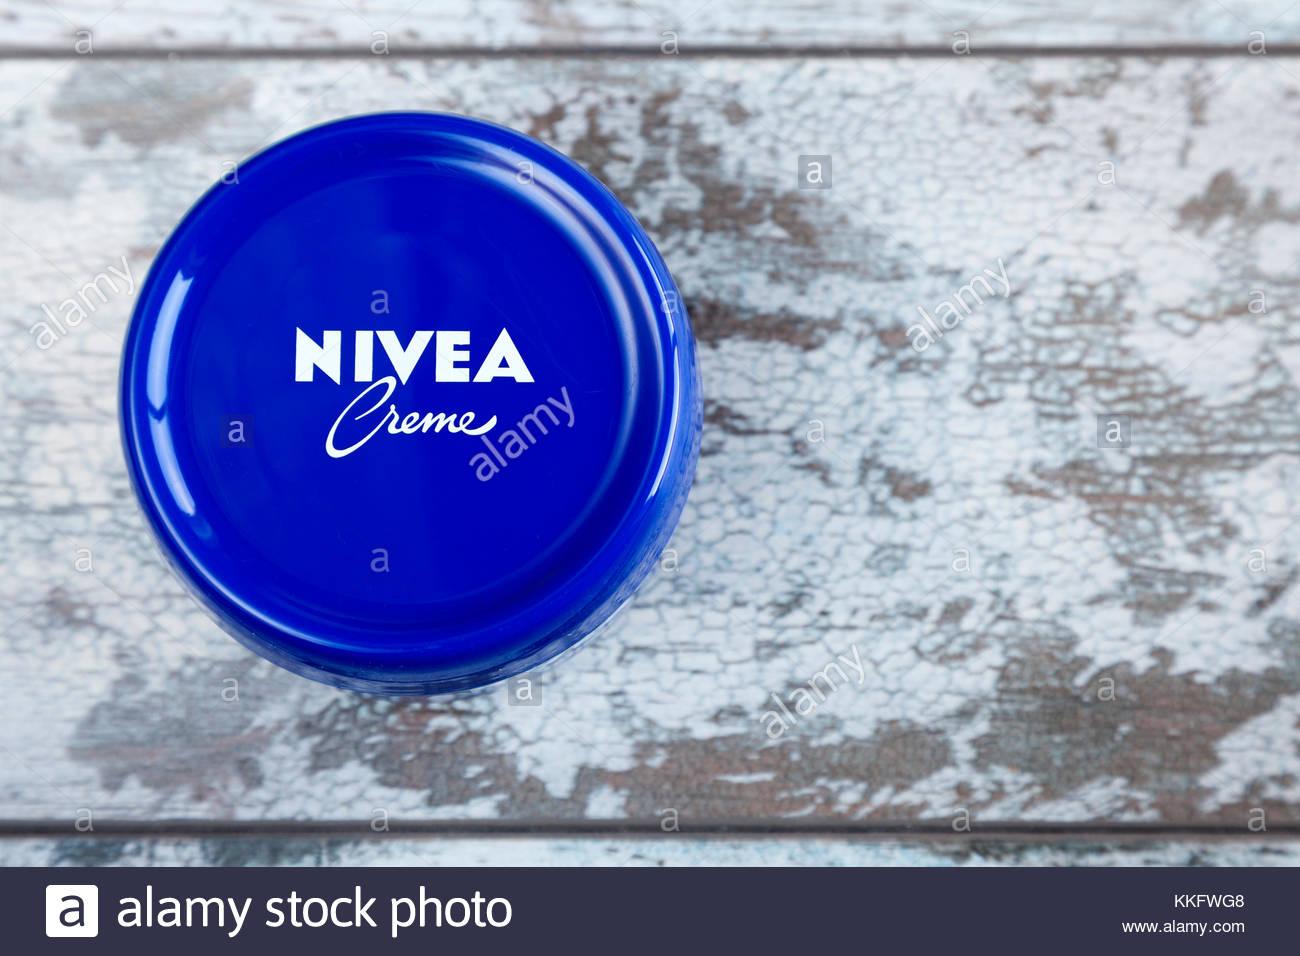 Nivea Crème container Stock Photo